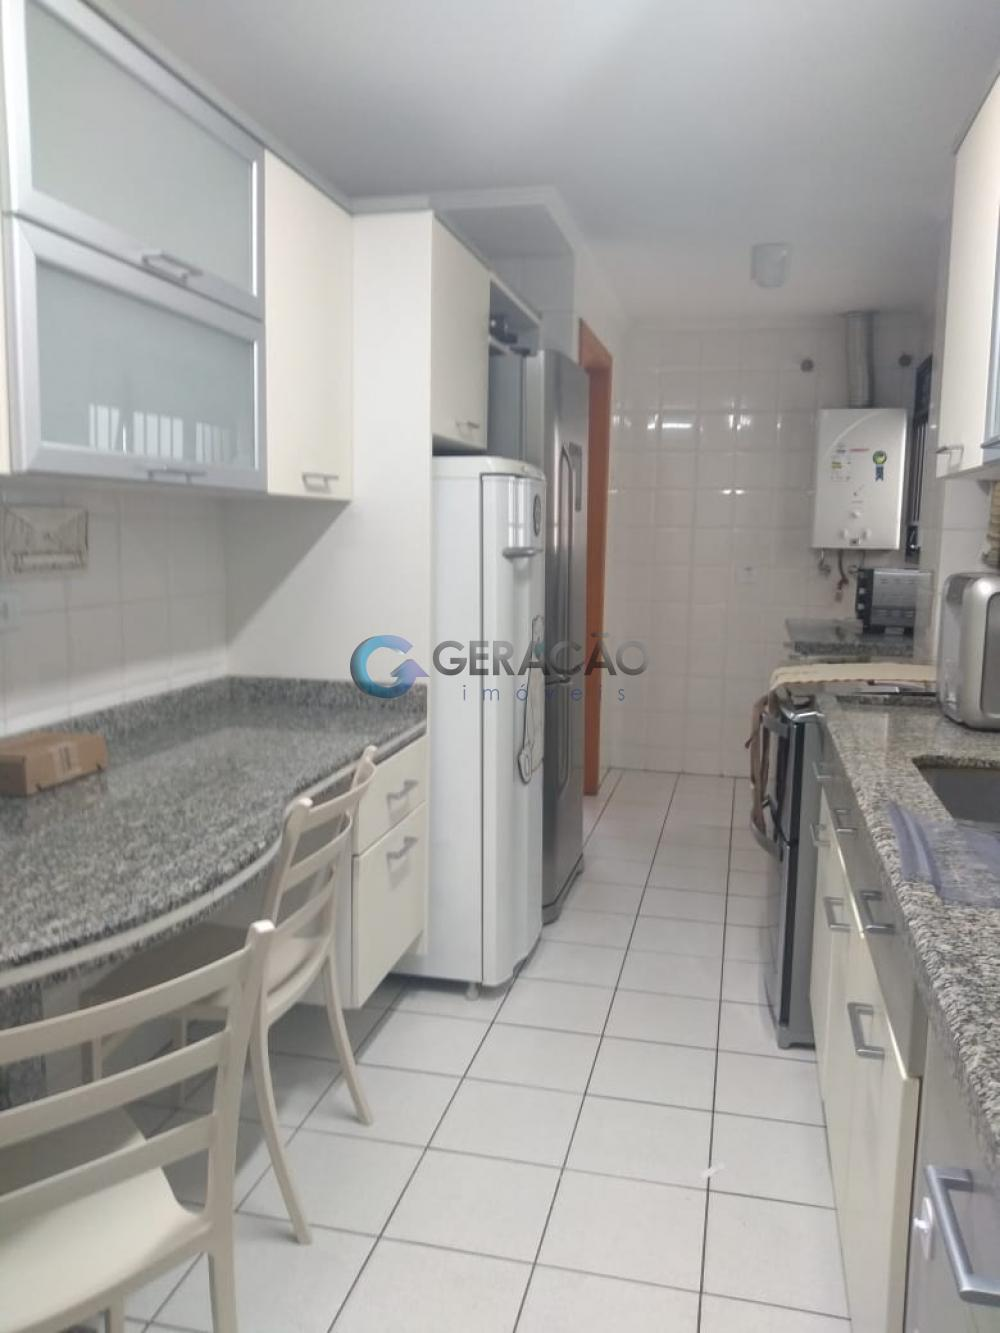 Comprar Apartamento / Padrão em São José dos Campos R$ 1.300.000,00 - Foto 20